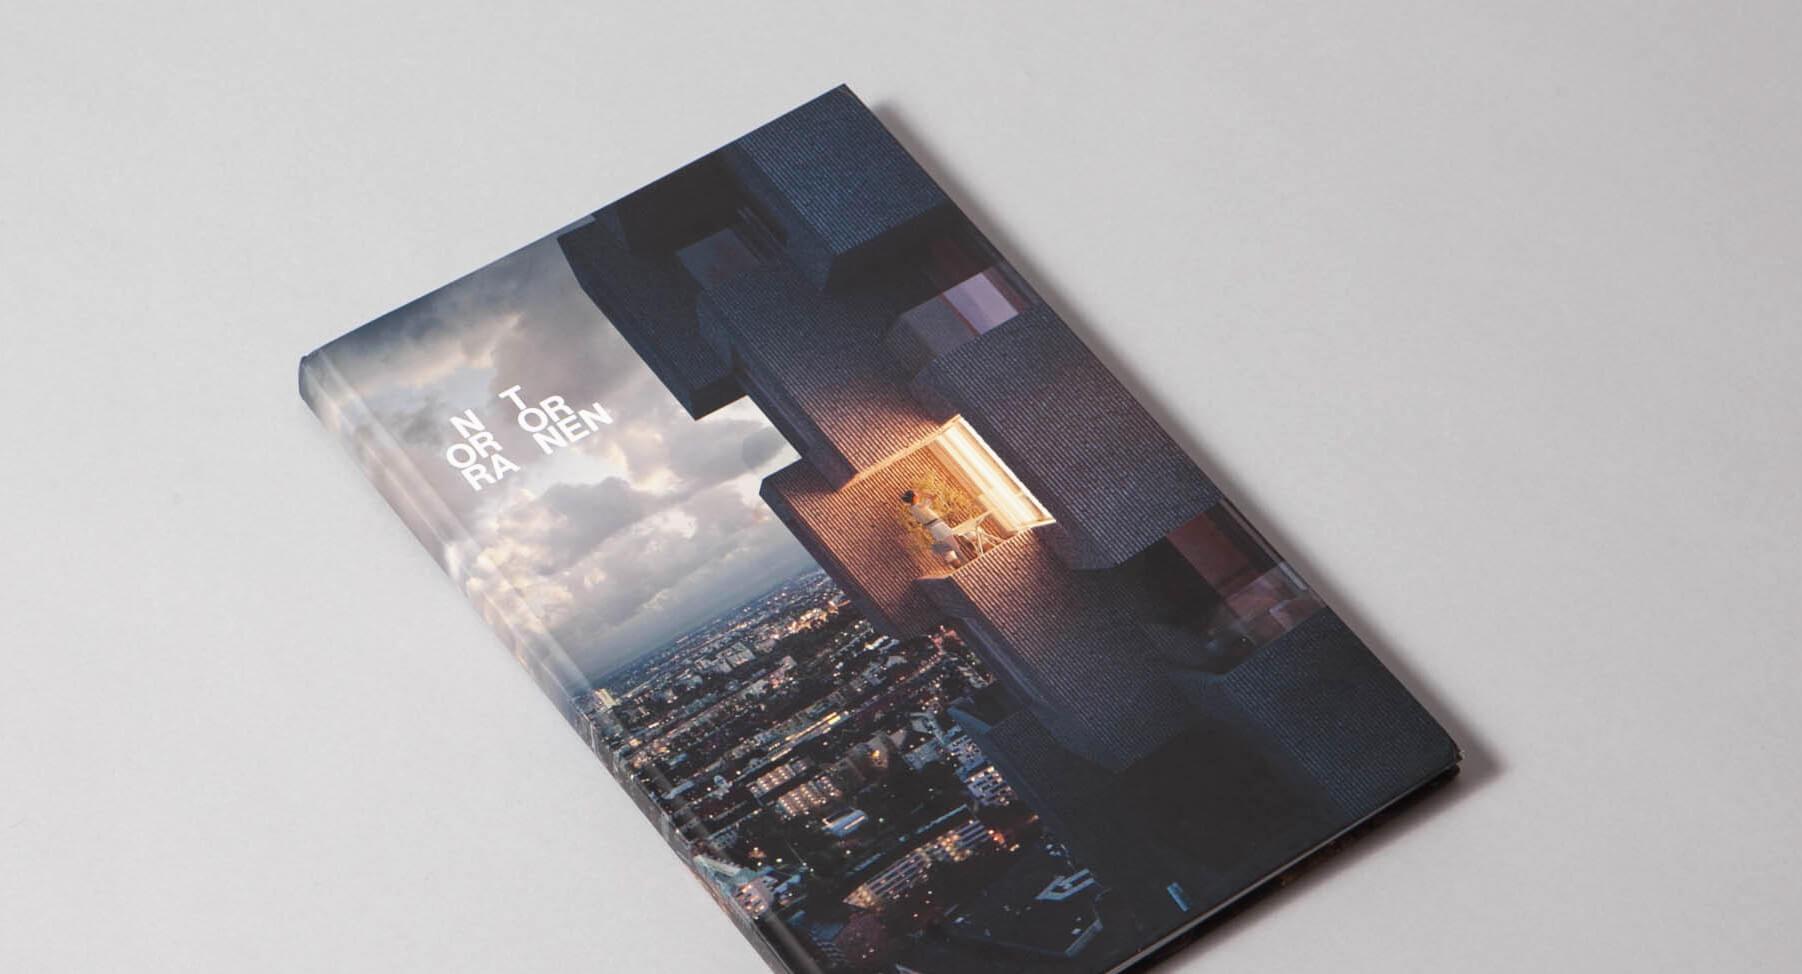 norra-tornen-book-1